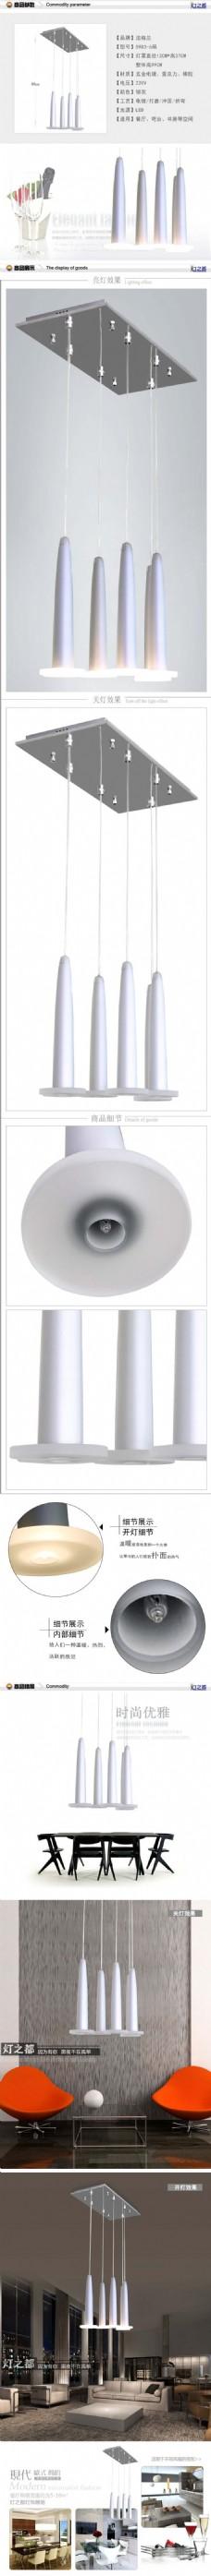 法格兰银灰6吊灯-灯具描述